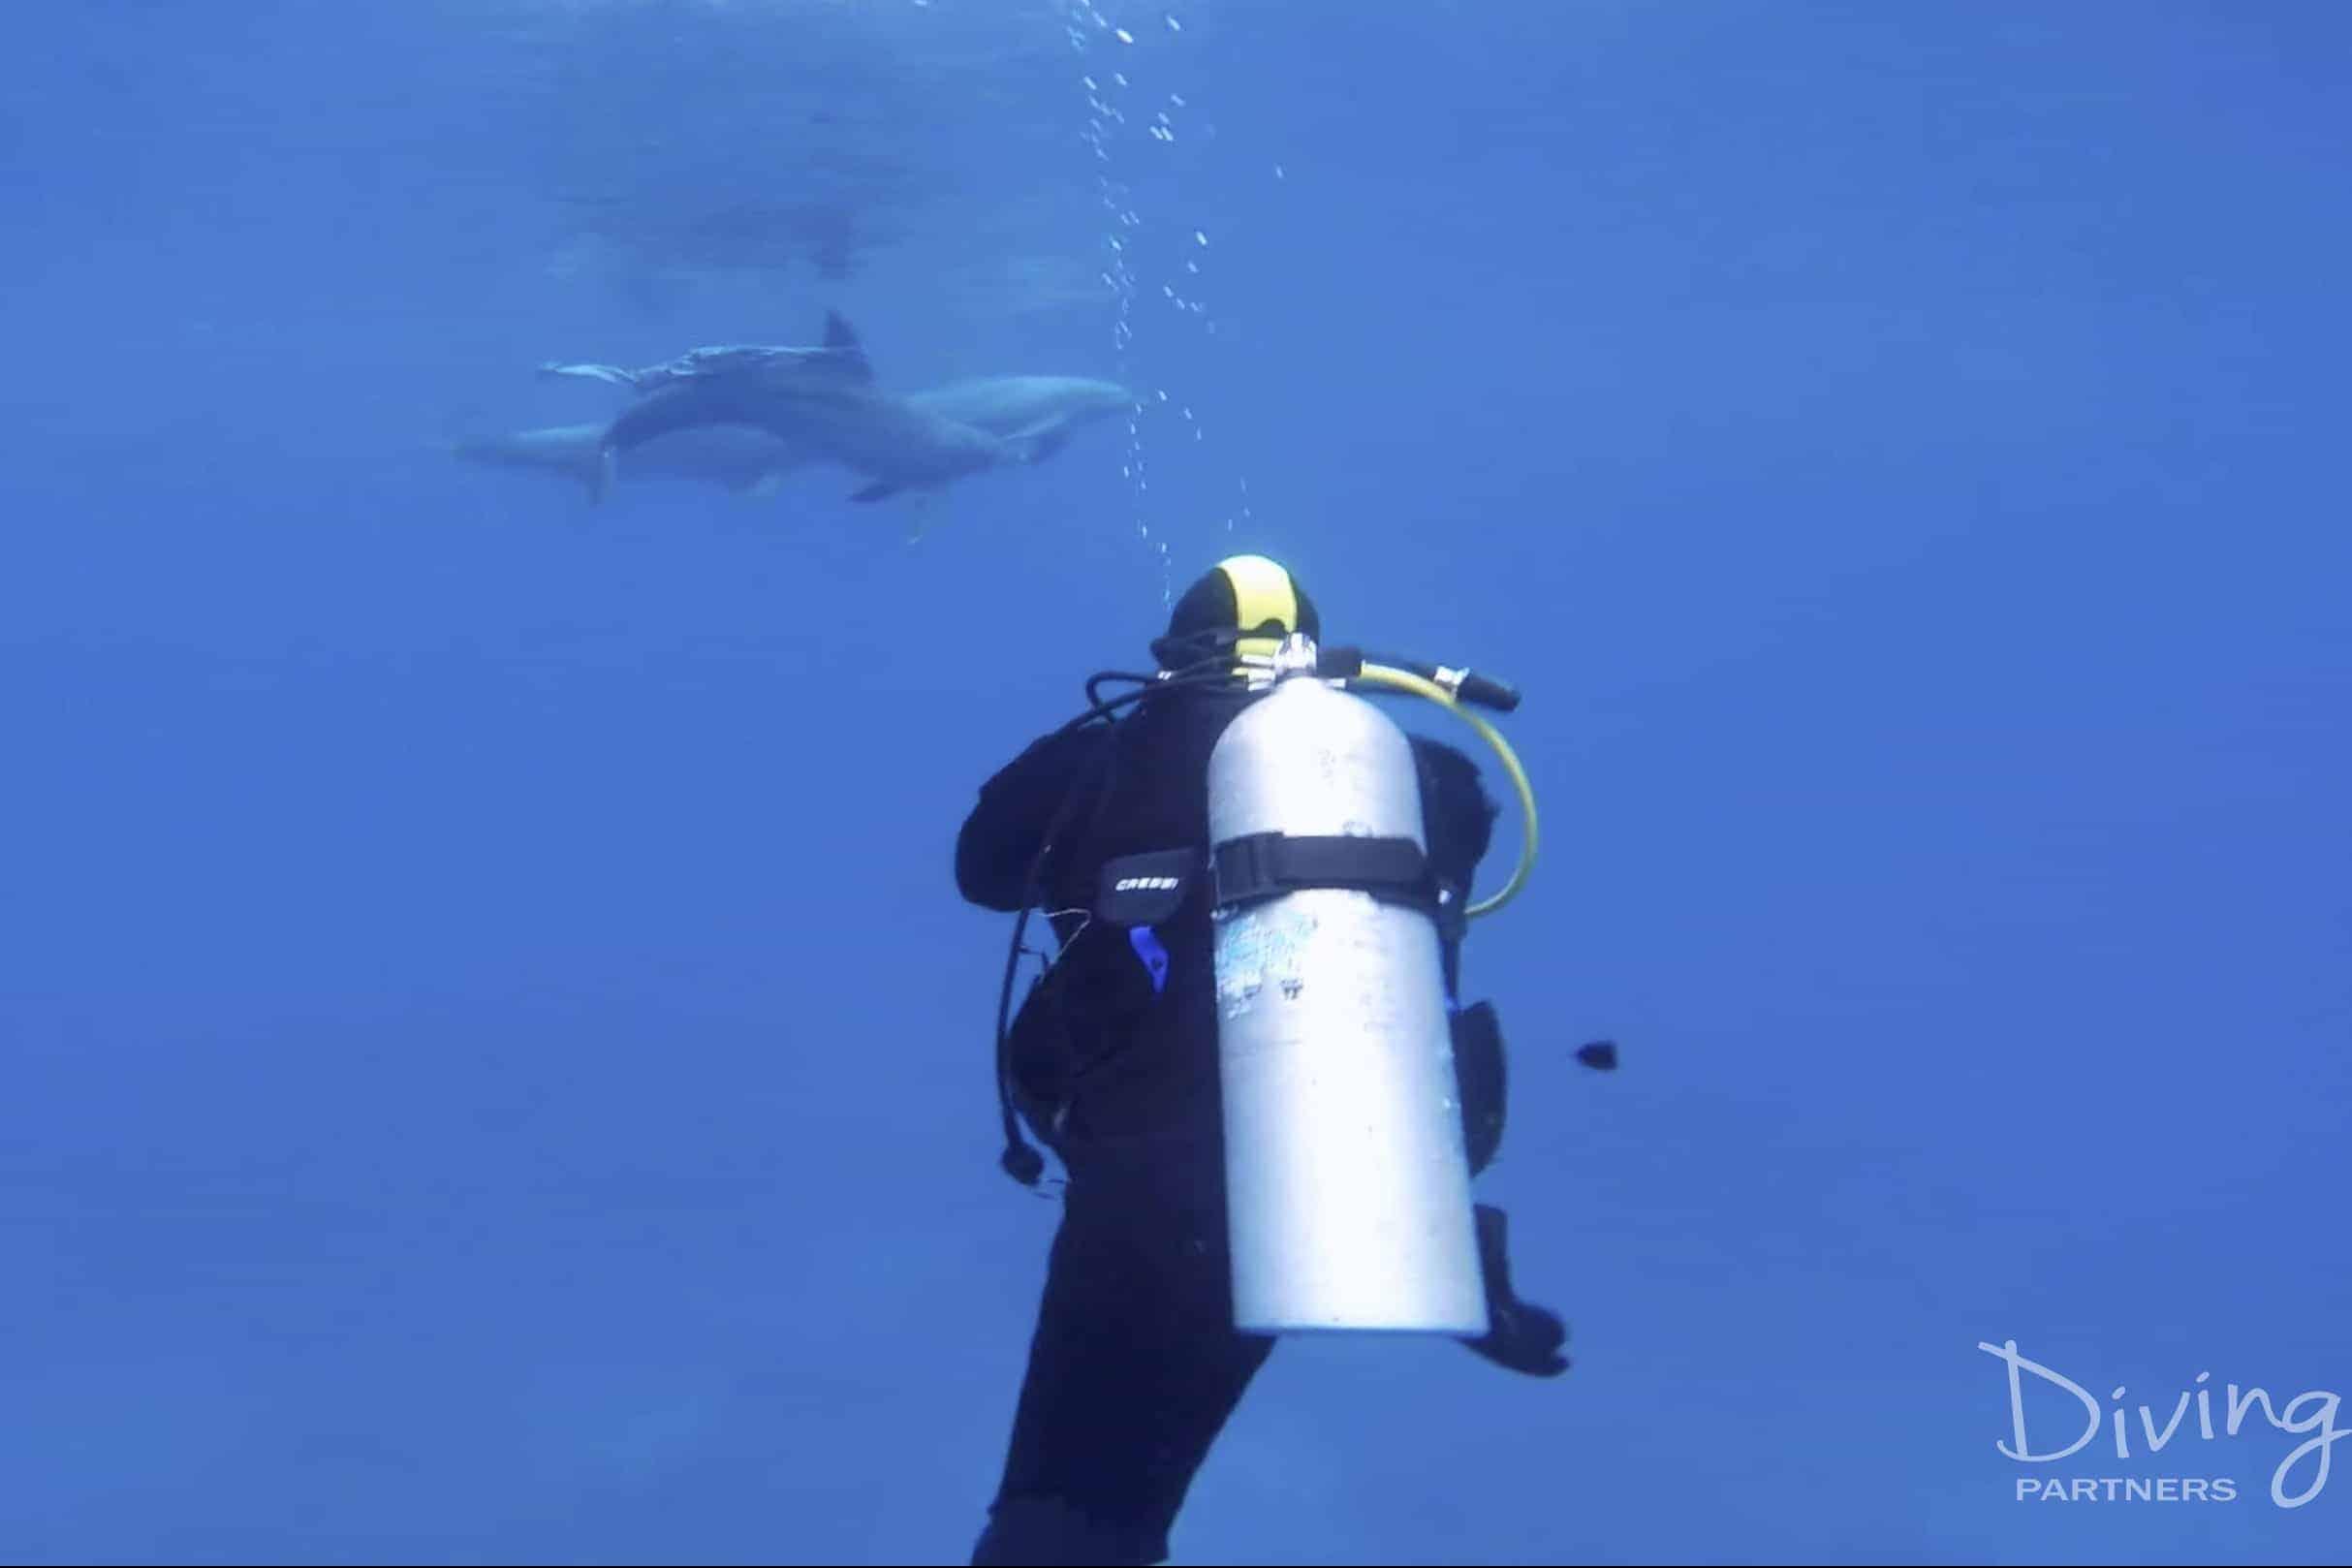 Diving Partners Captura de pantalla 2017-04-20 a la(s) 17.08.01 copia